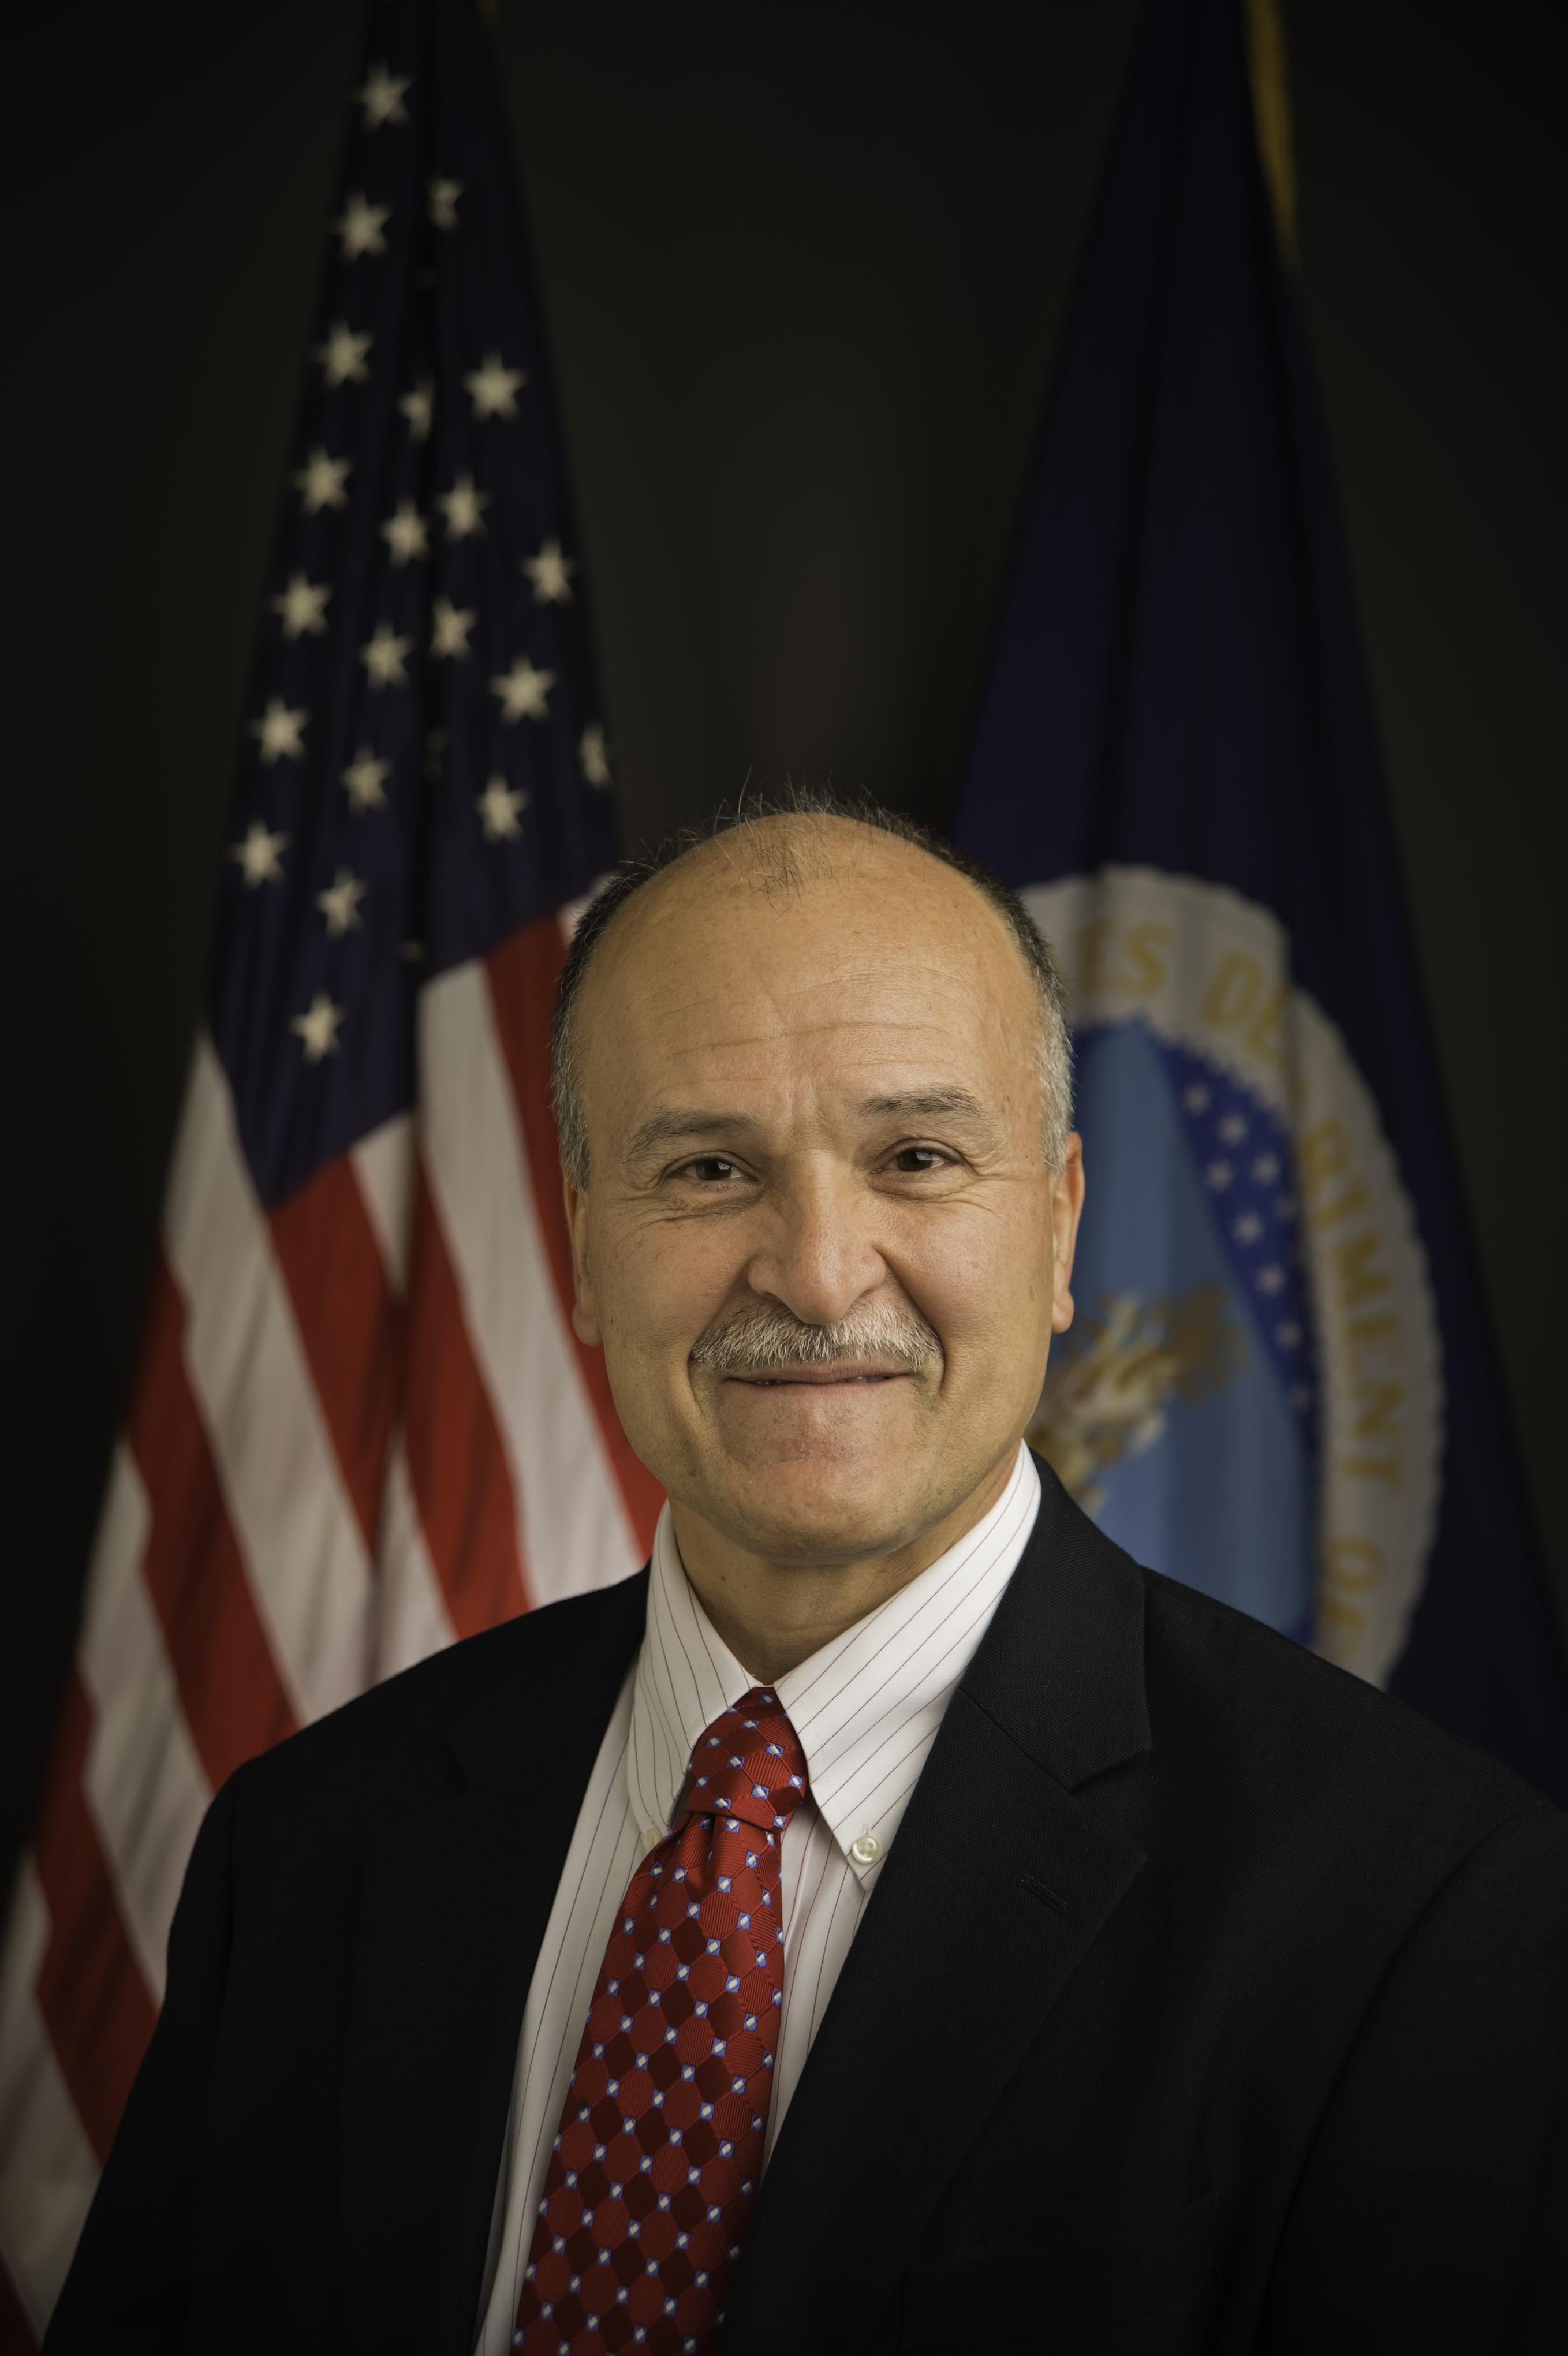 Dr Emilio Esteban